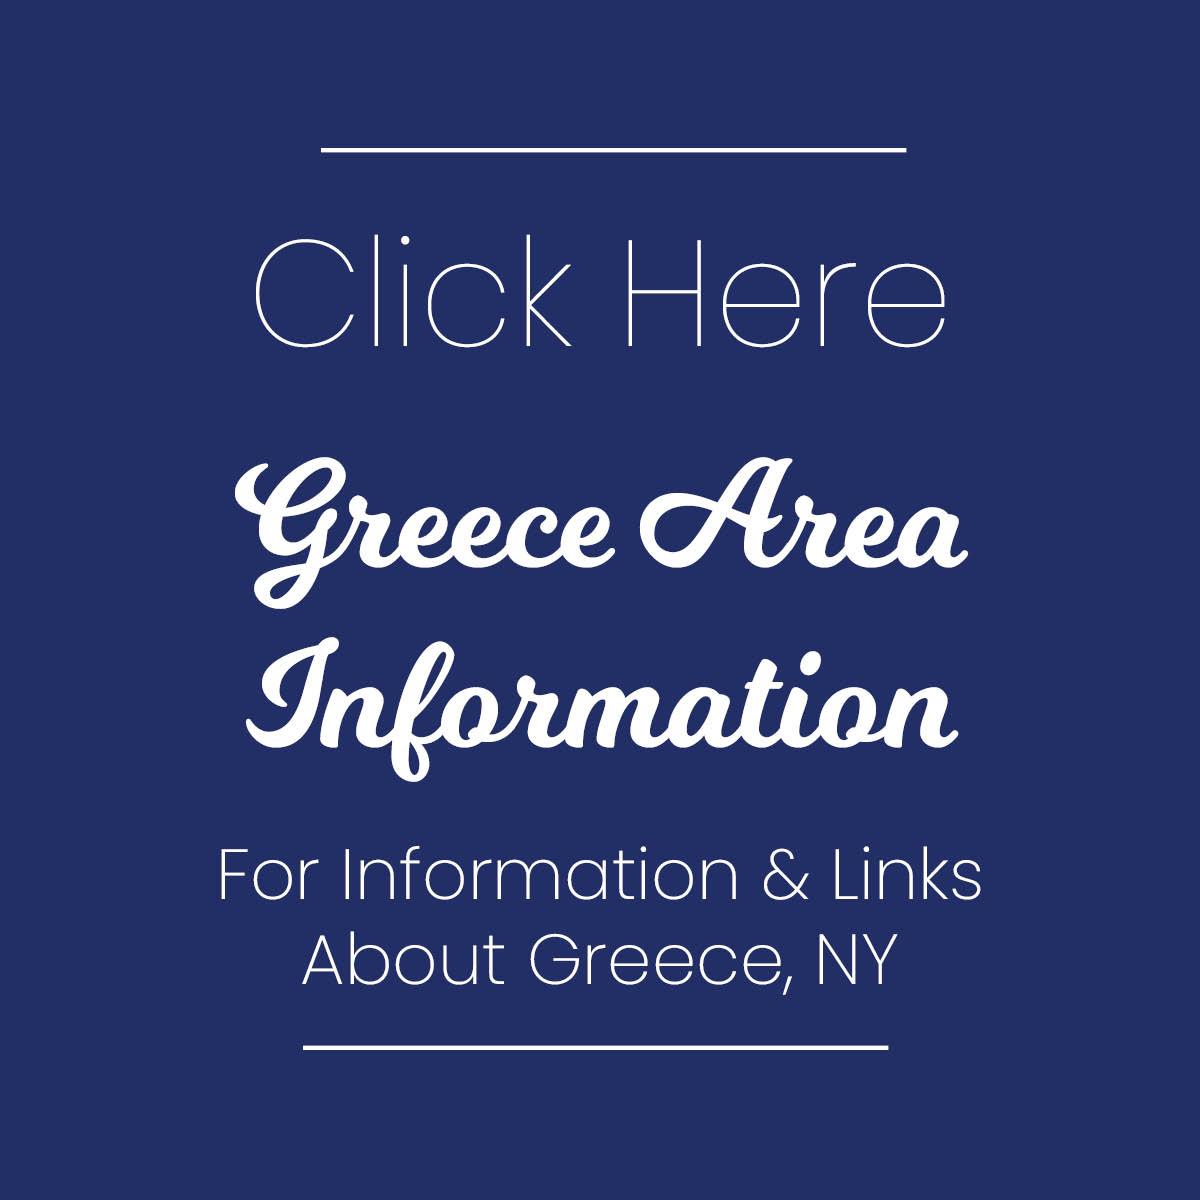 Greece NY Information